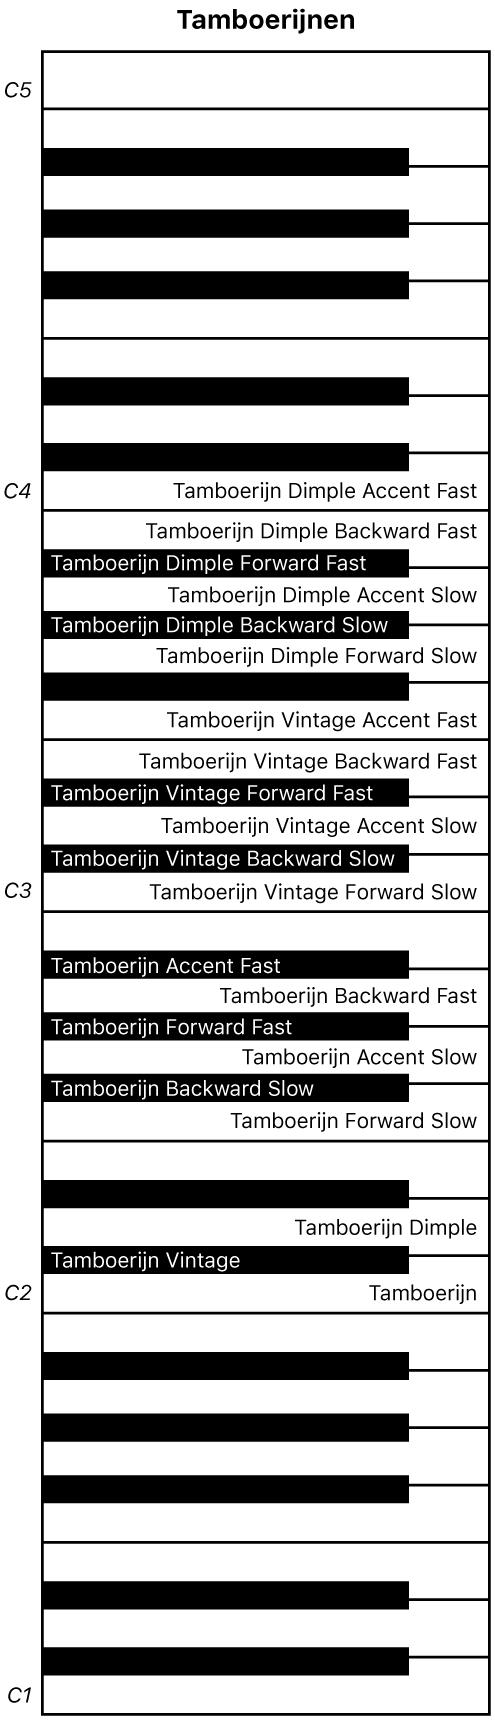 Afbeelding. Keyboardtoewijzing van Tamboerijnen-uitvoering.